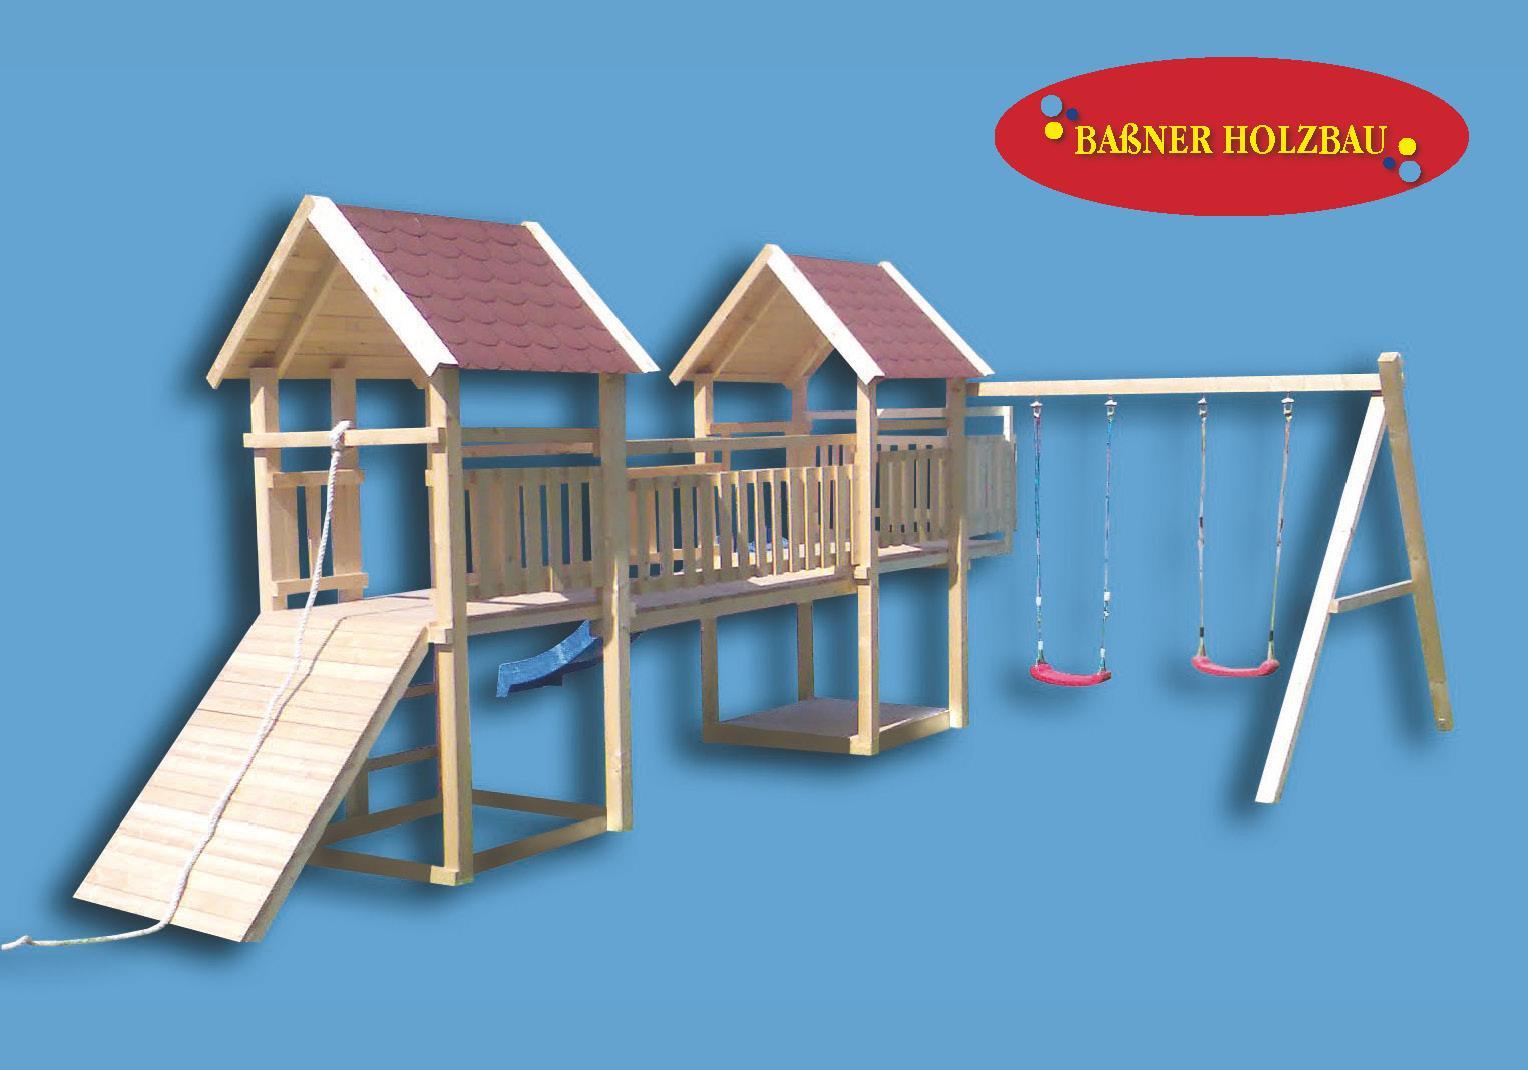 fichtenholz spielturm modell 7 robby ohne zubeh r 100cm ohne rutsche 100cm ohne rutsche. Black Bedroom Furniture Sets. Home Design Ideas